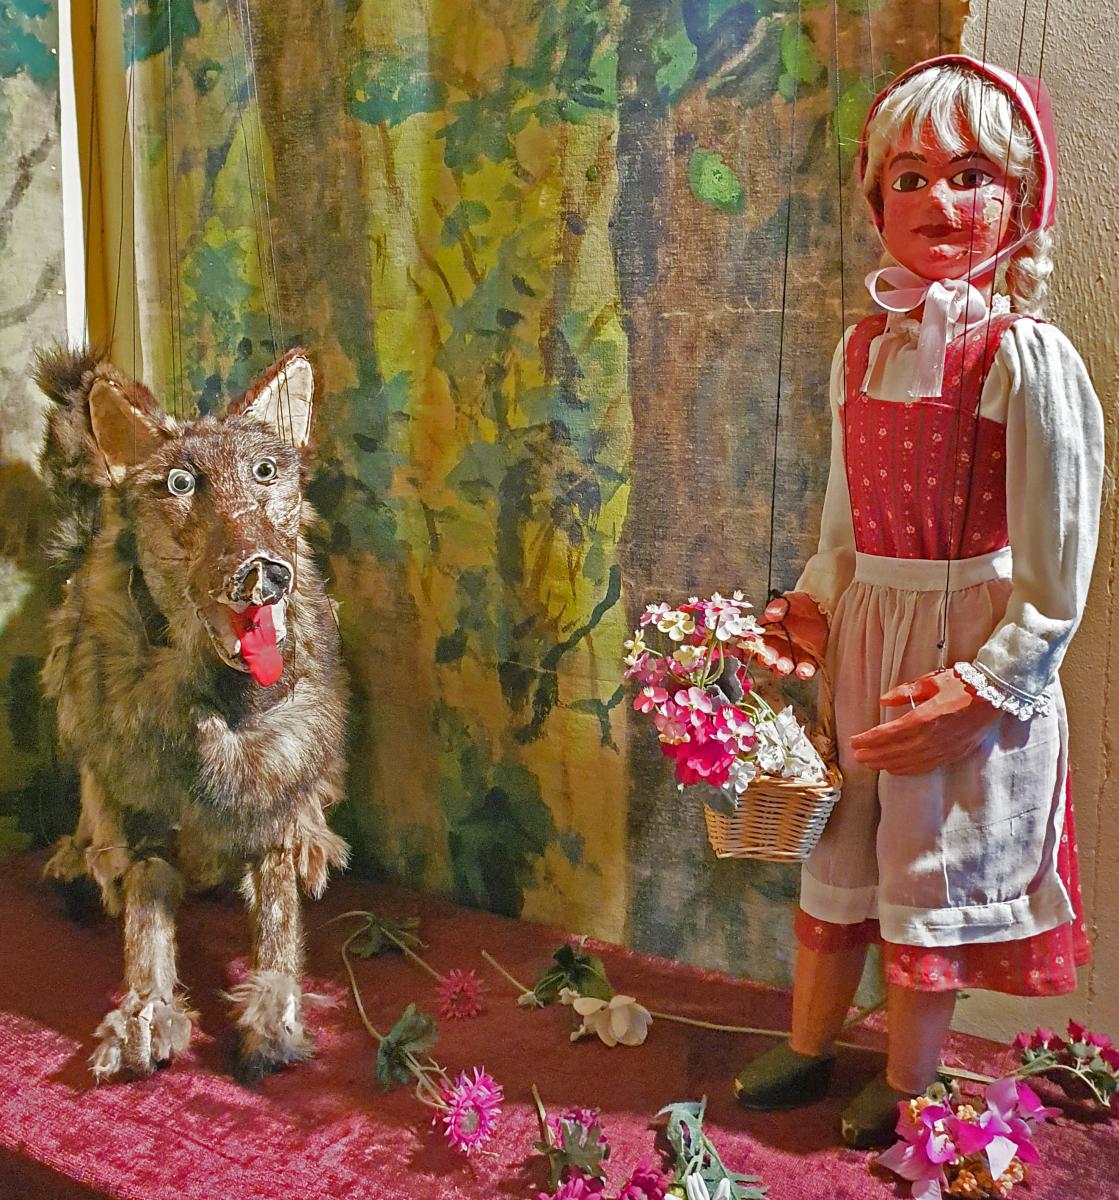 Rotkäppchen und ihr Wolf, Foto: Maike Steuer